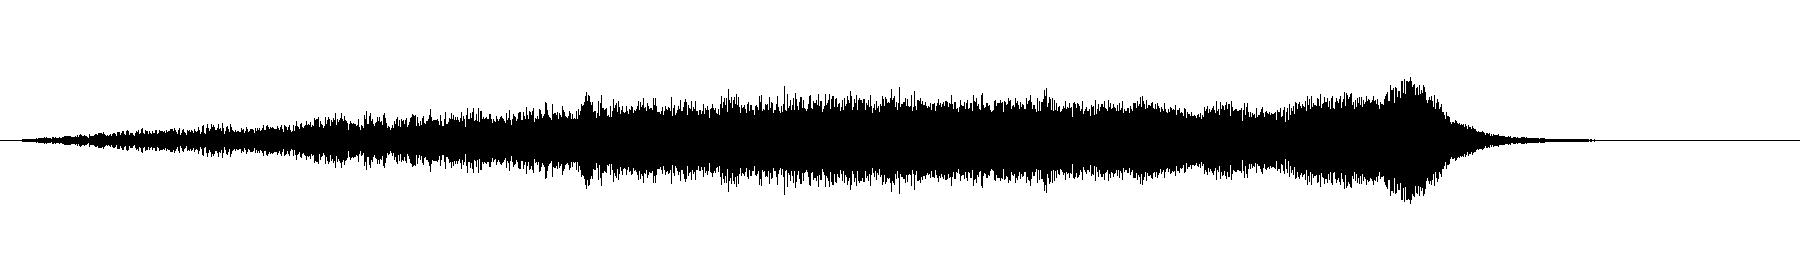 str fx b 03 xs